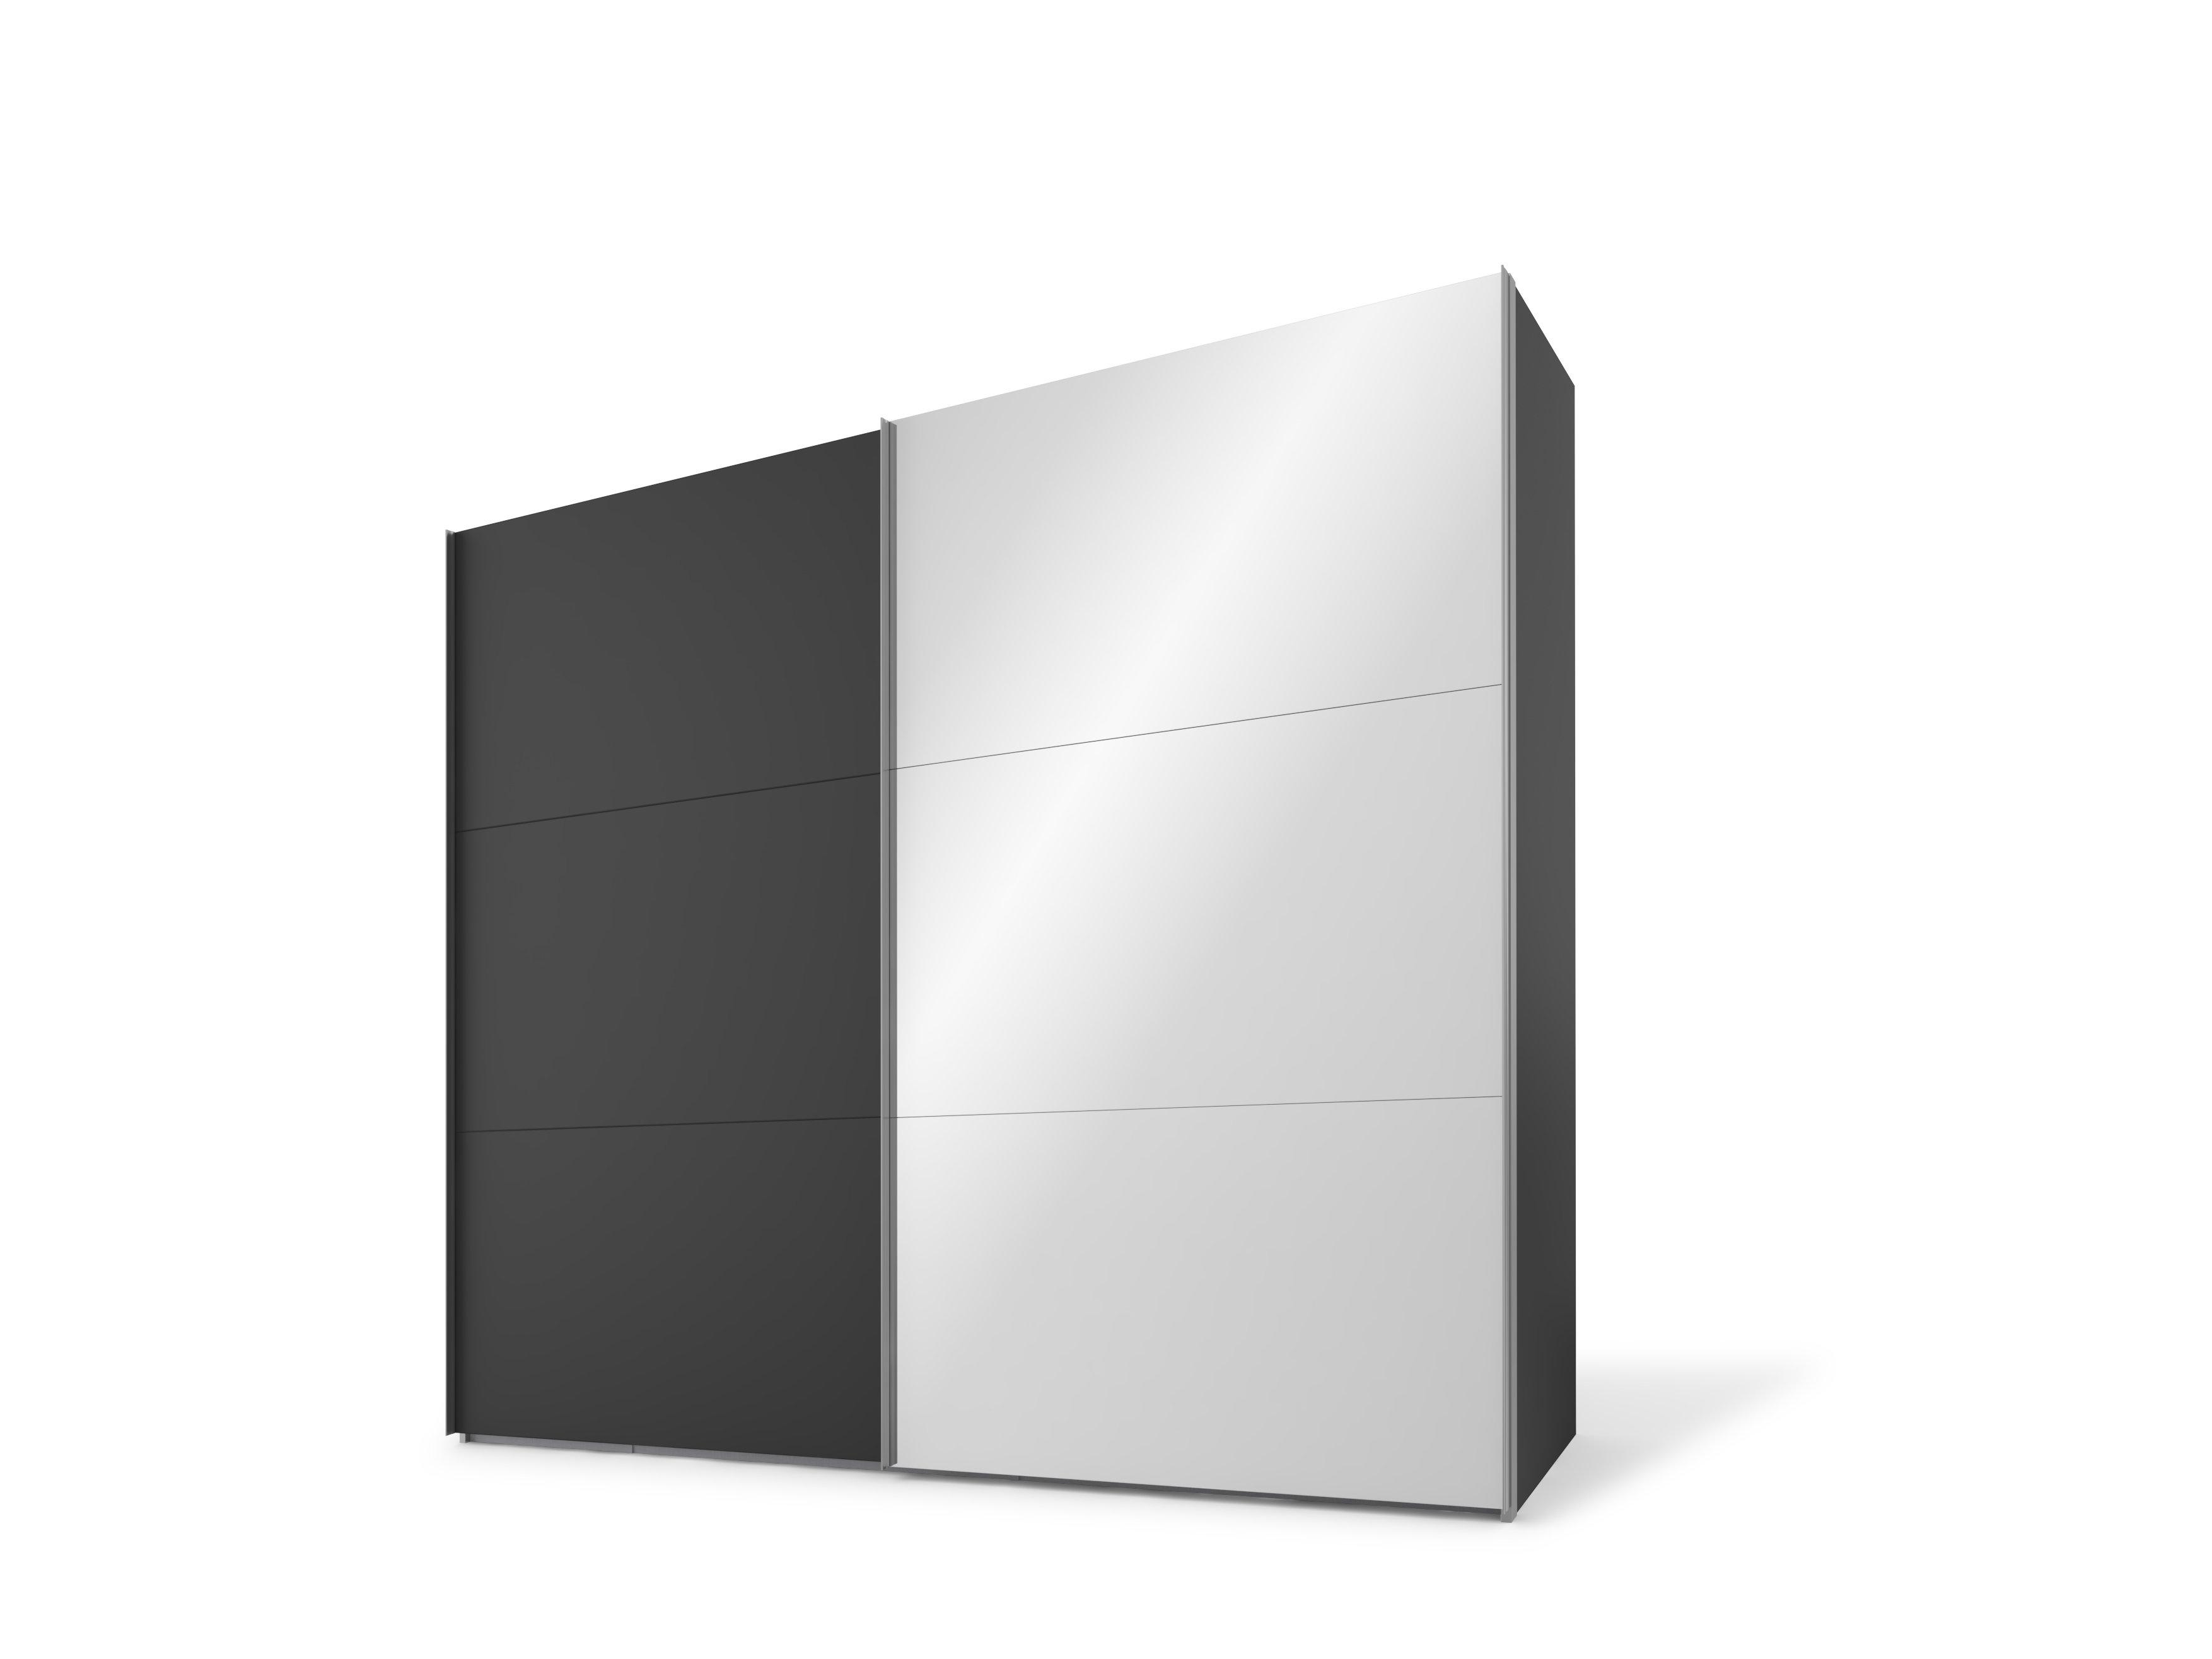 Schwebetürenschrank, Basalt/Spiegel